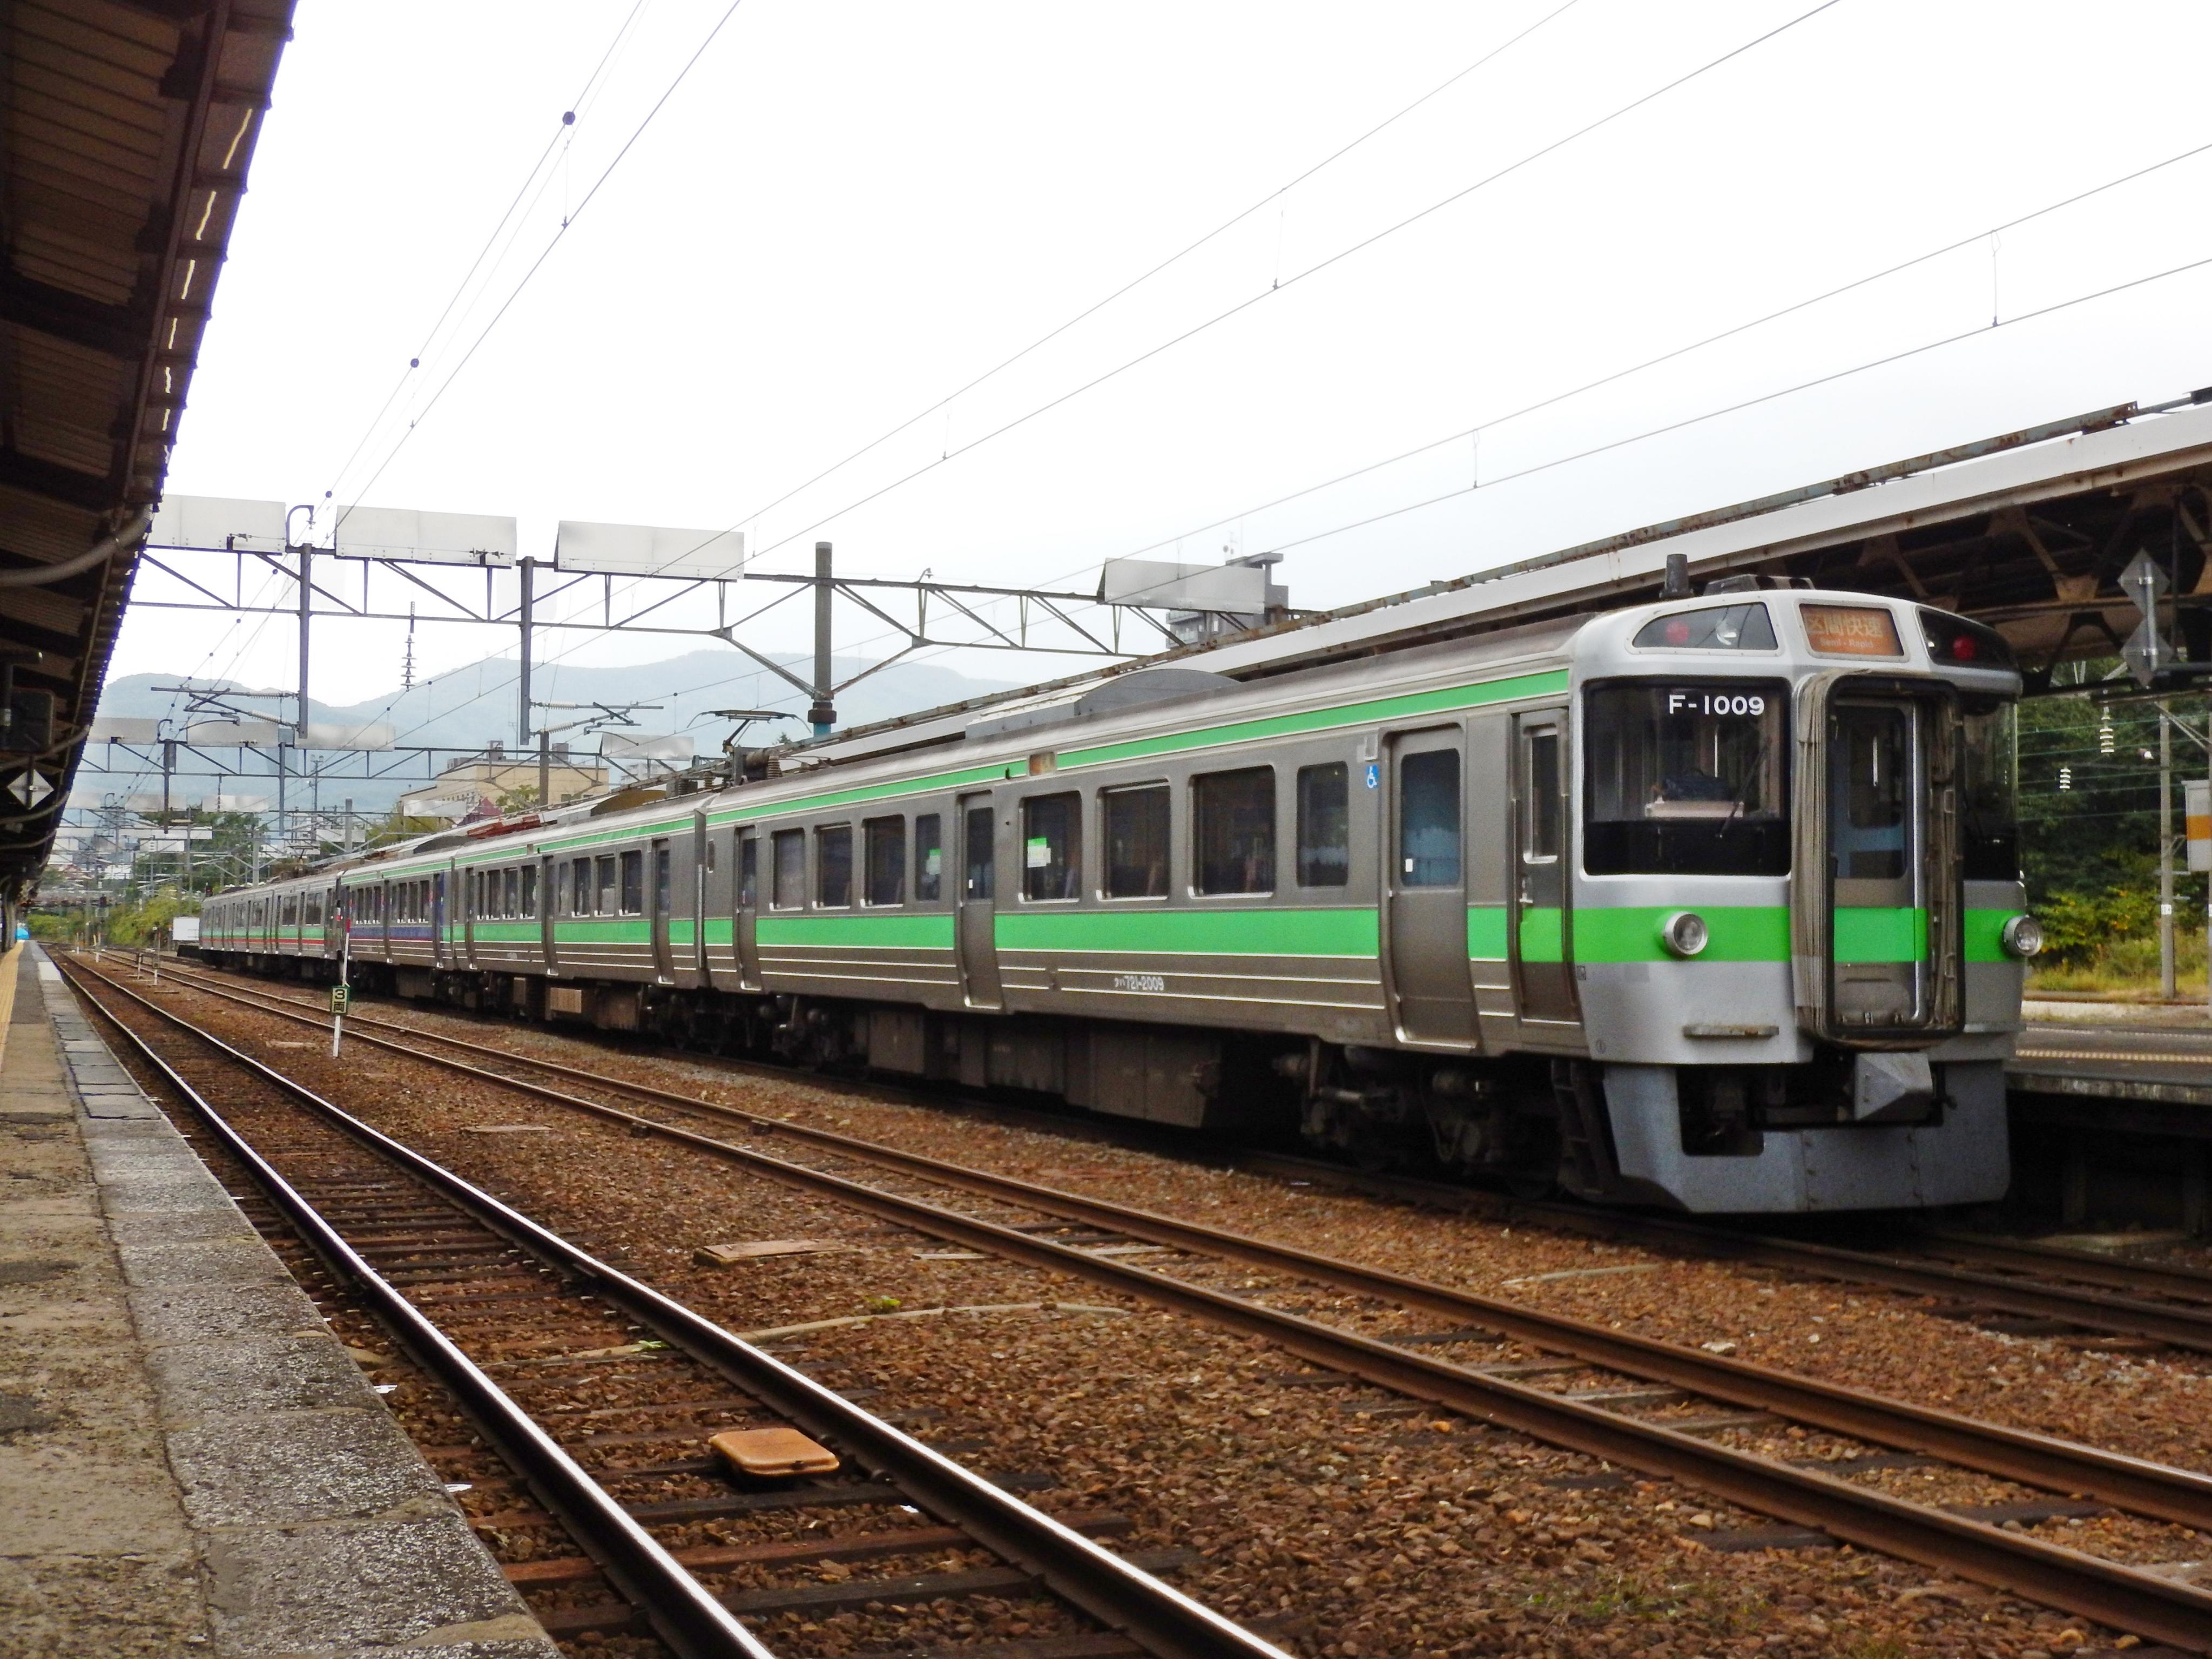 721系 F-1009 3429M 区間快速いしかりライナー 小樽駅 180924 (2).JPG